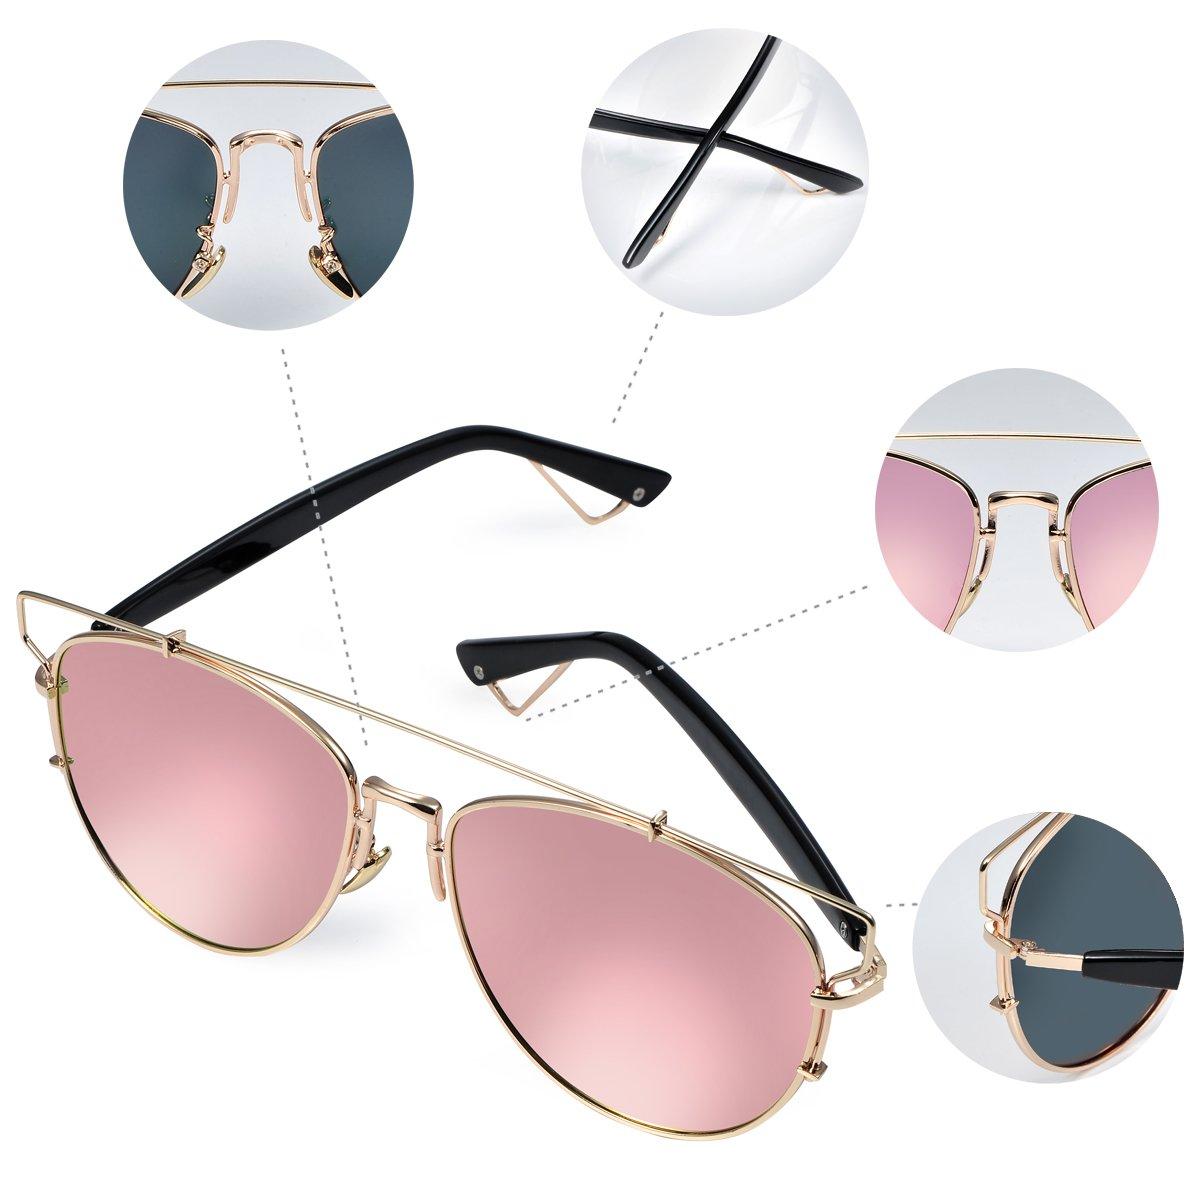 Duduma polarizadas Aviator Gafas de sol con marco metal travesaño completo de moda para mujeres y hombres 8027 Plateado Gold frame with pink mirror lens: ...